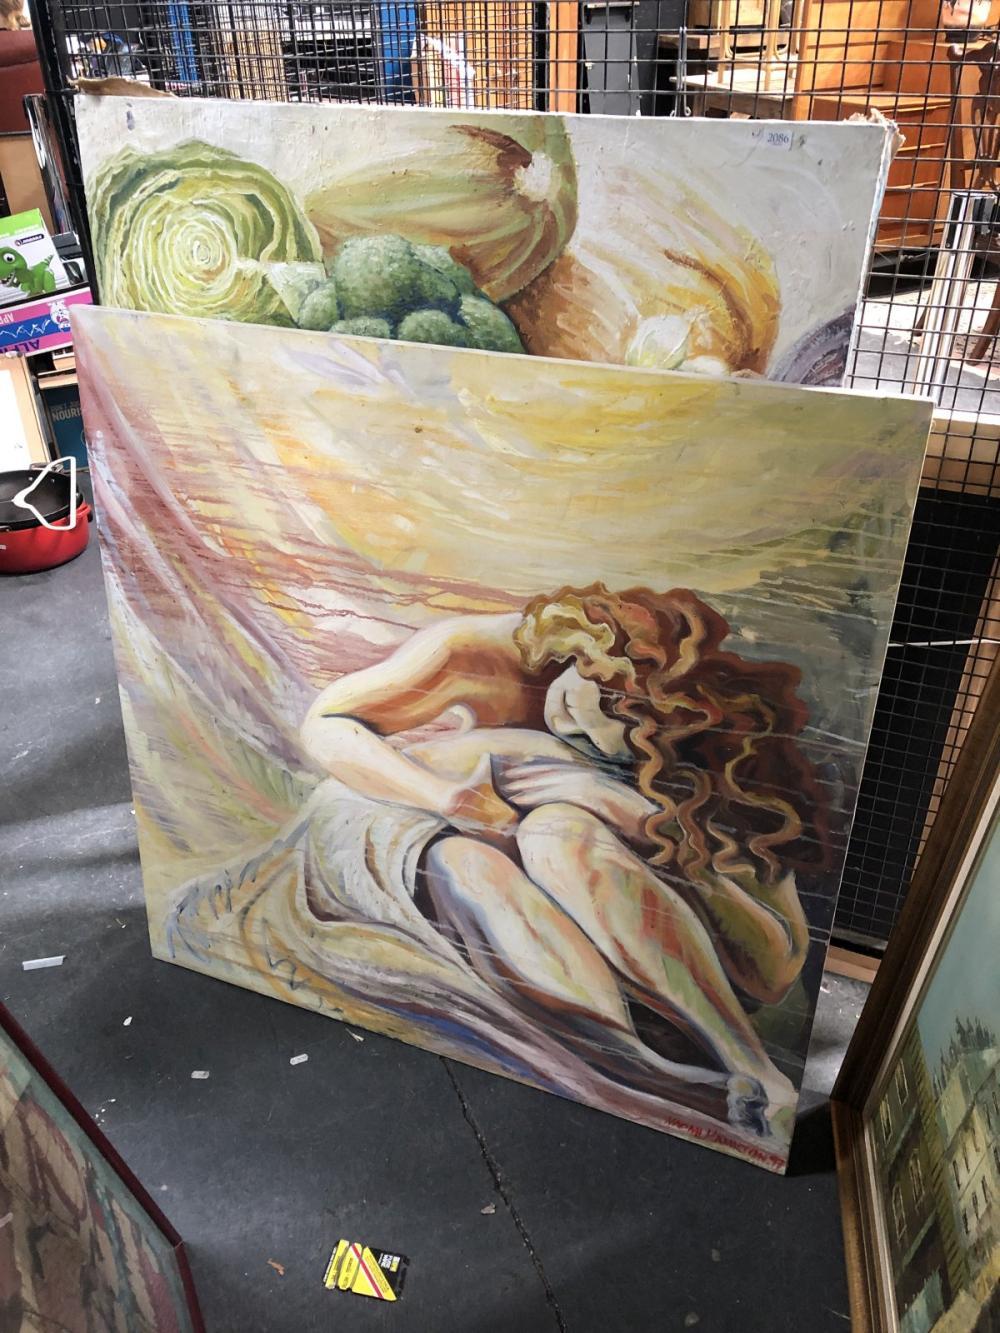 2 Naomi Hamilton Works: Sleeping, oil on canvas, SLR & Kitchen Still Life, oil on canvas, SLR